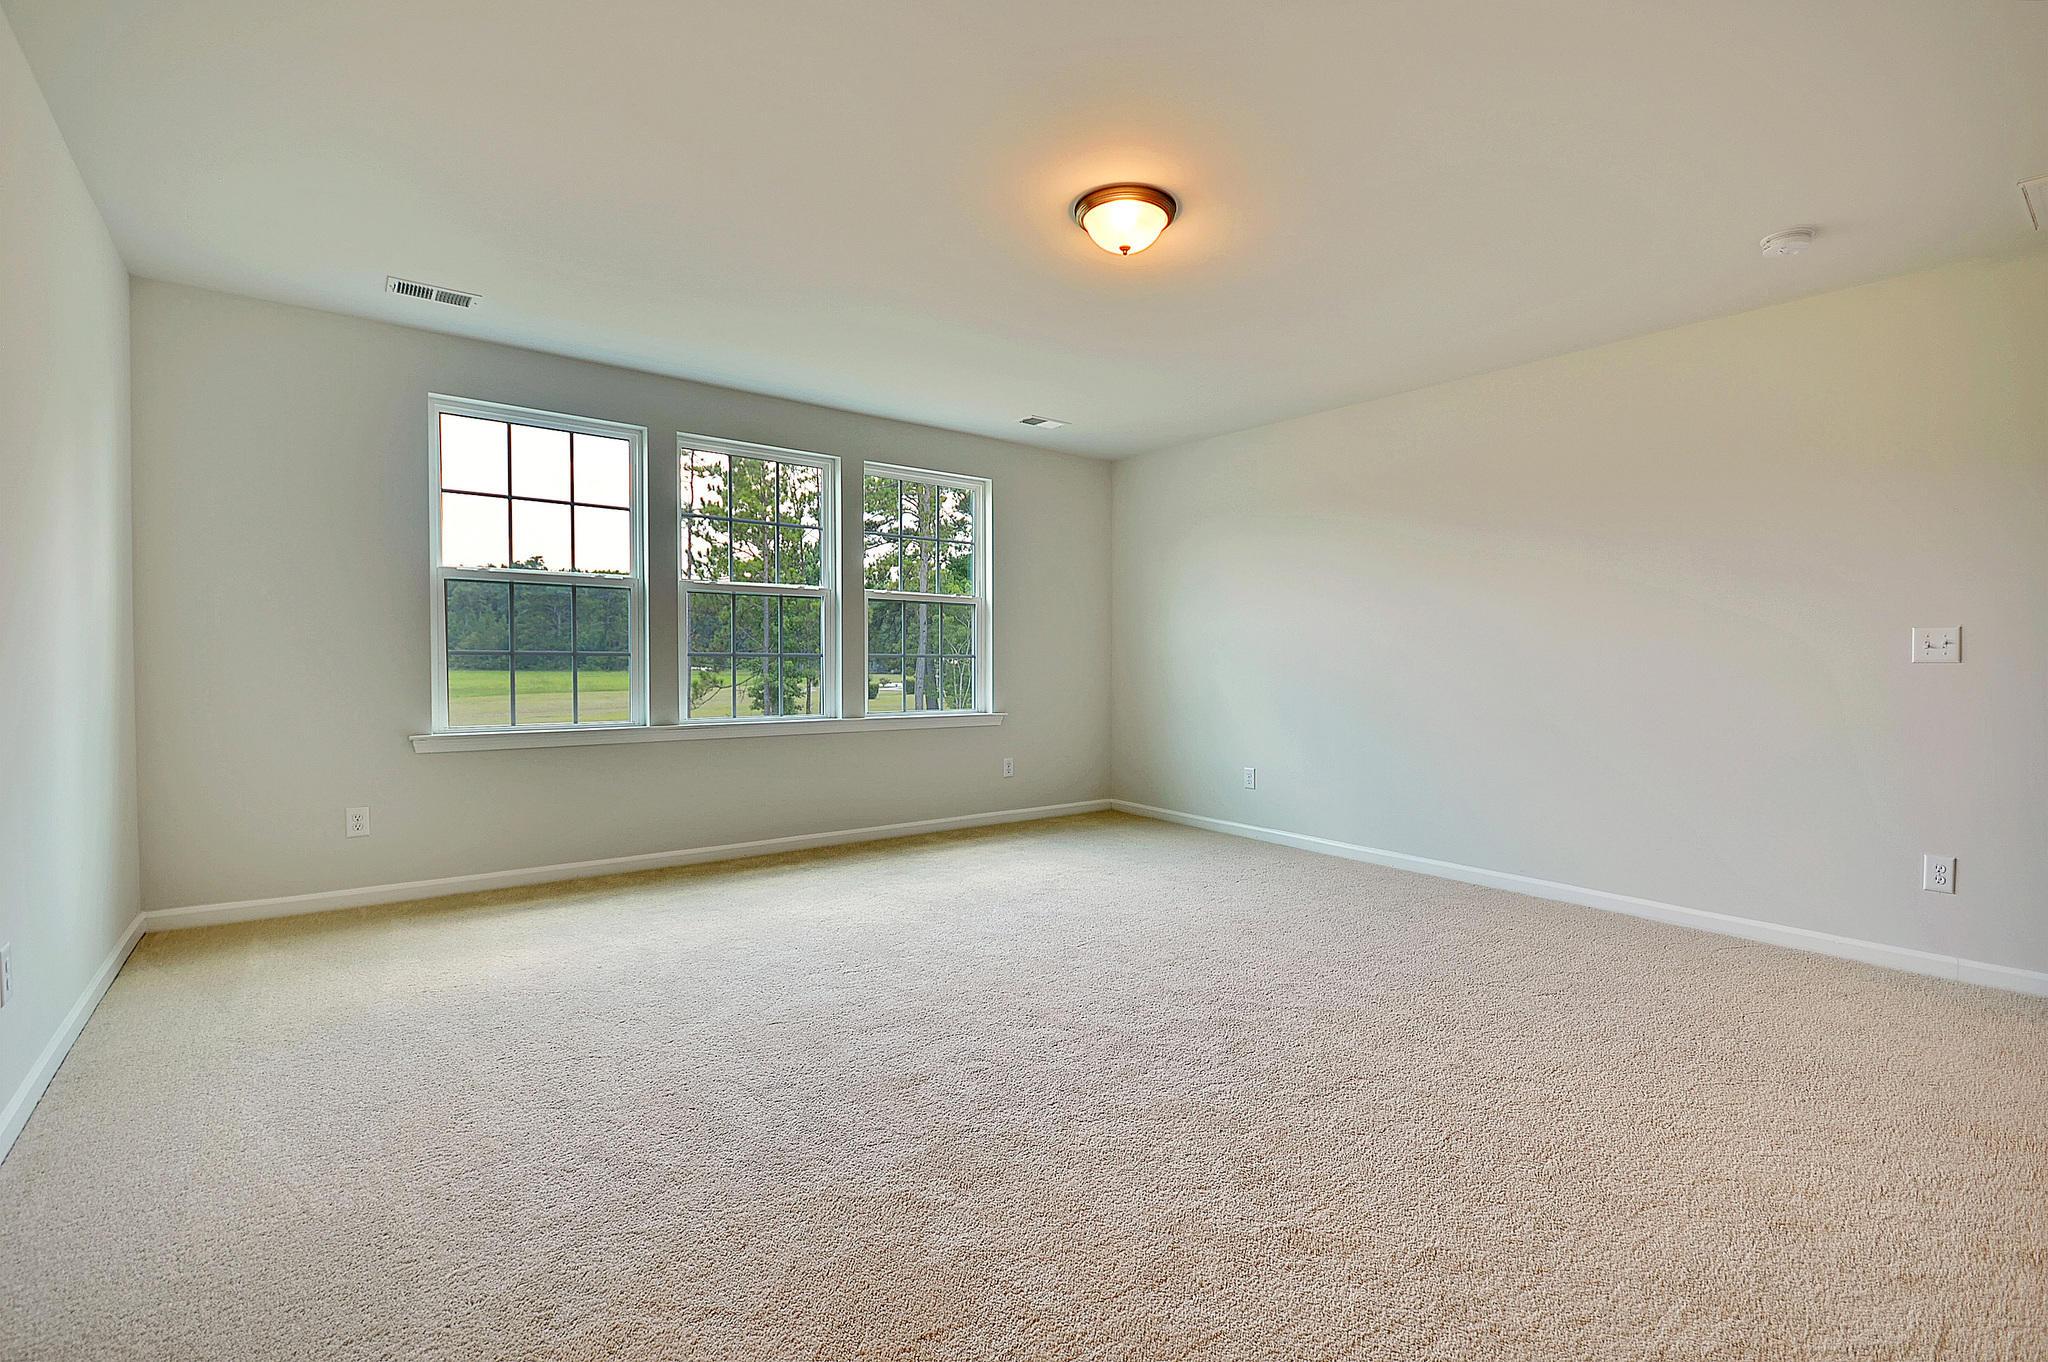 Park West Homes For Sale - 3049 Caspian, Mount Pleasant, SC - 22